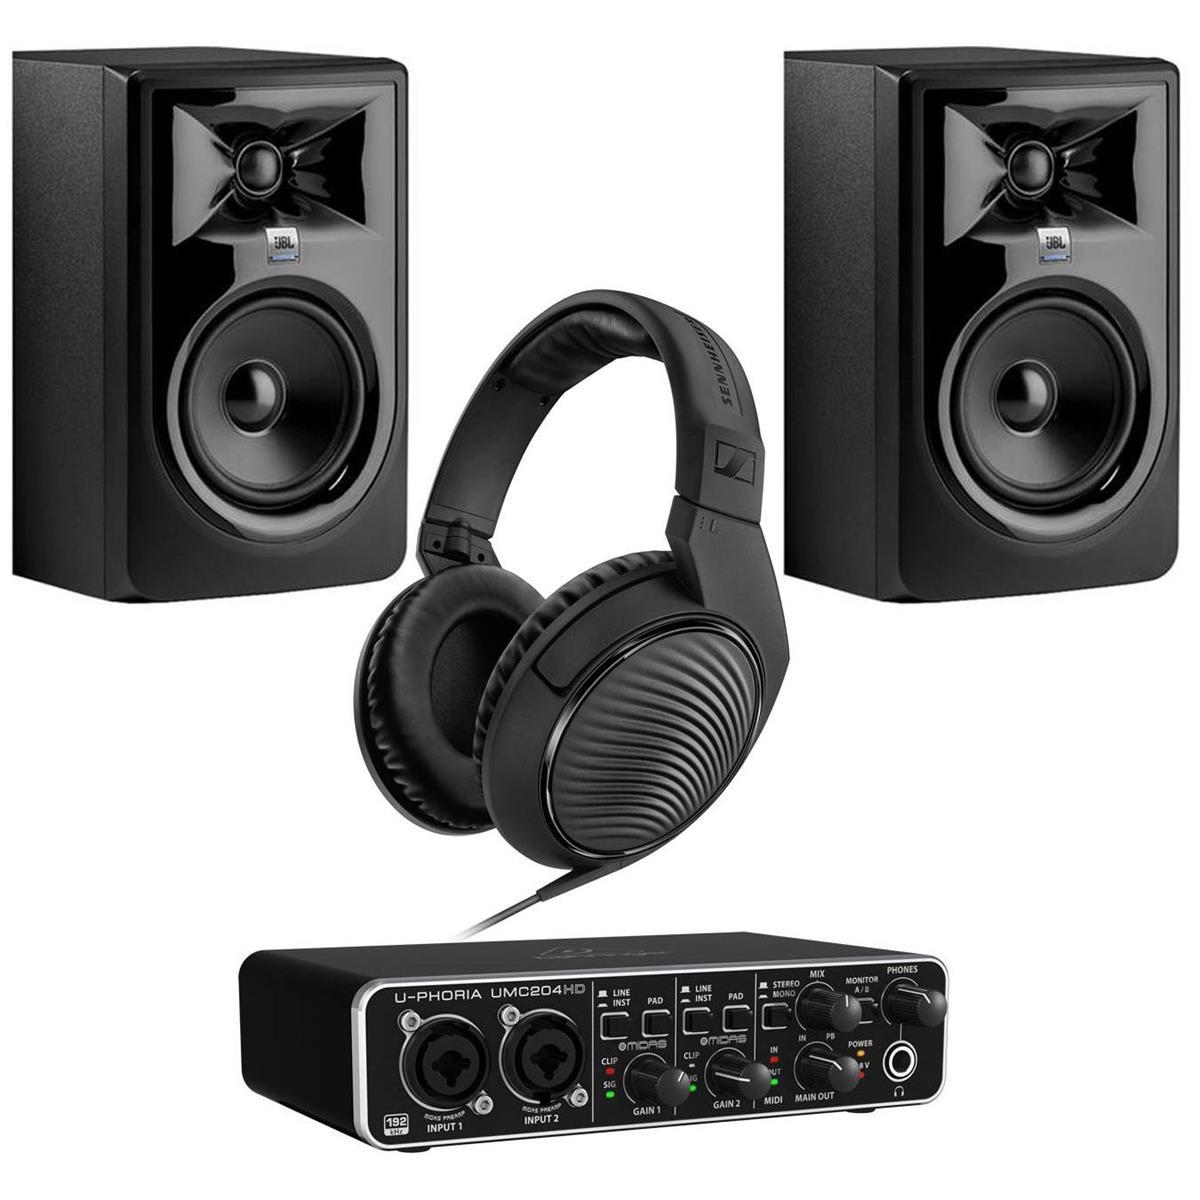 Pair of JBL 306P MkII Powered Speakers + Behringer U-Phoria UMC204HD + Sennheiser HD 200 PRO Headphones $299 + free s/h